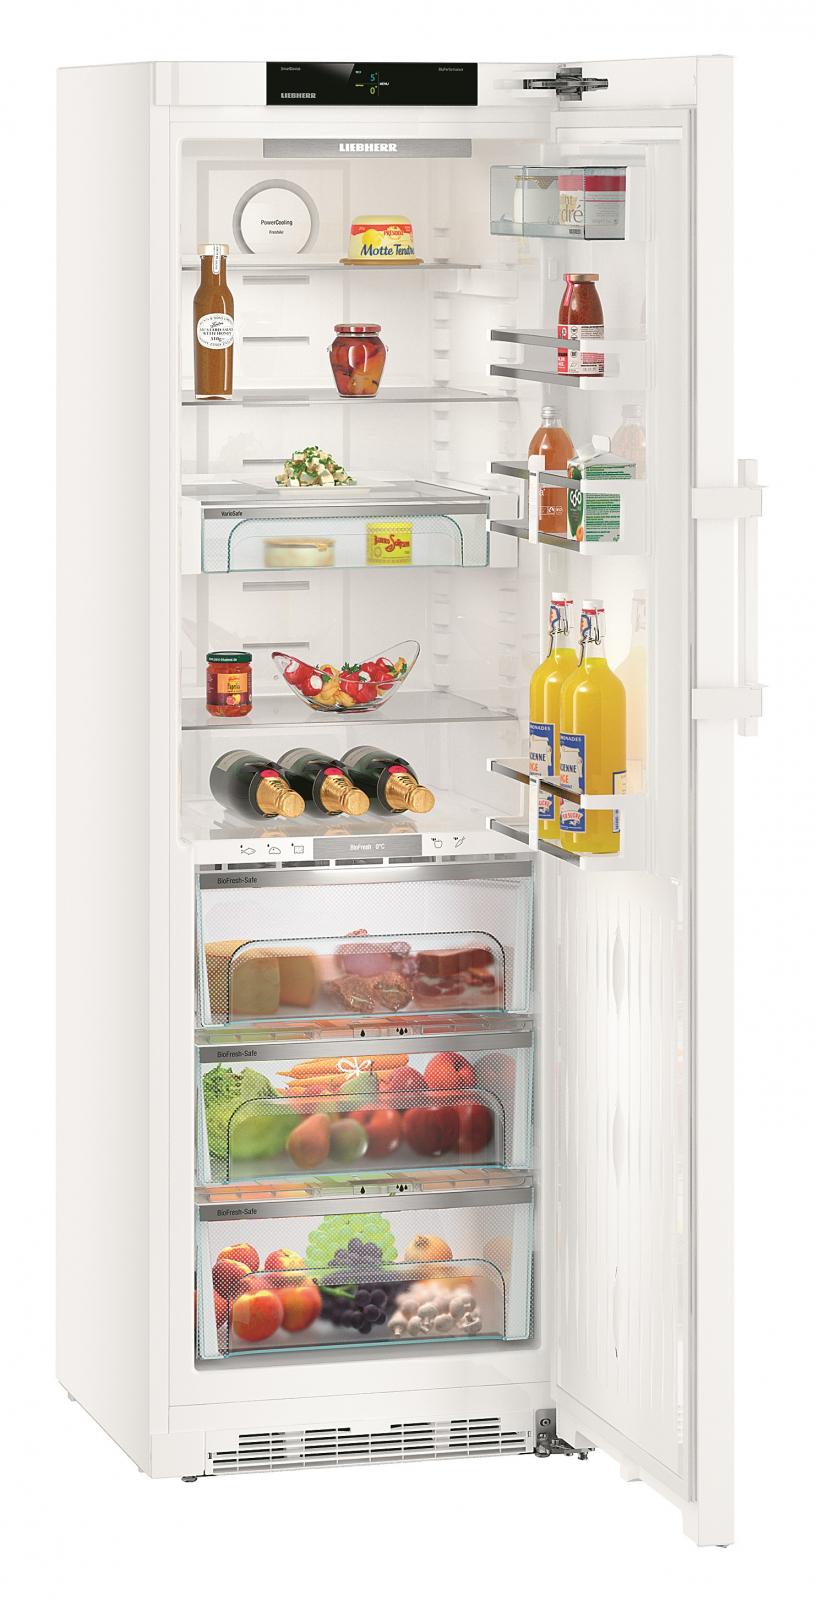 купить Однокамерный холодильник Liebherr KB 4350 Украина фото 0